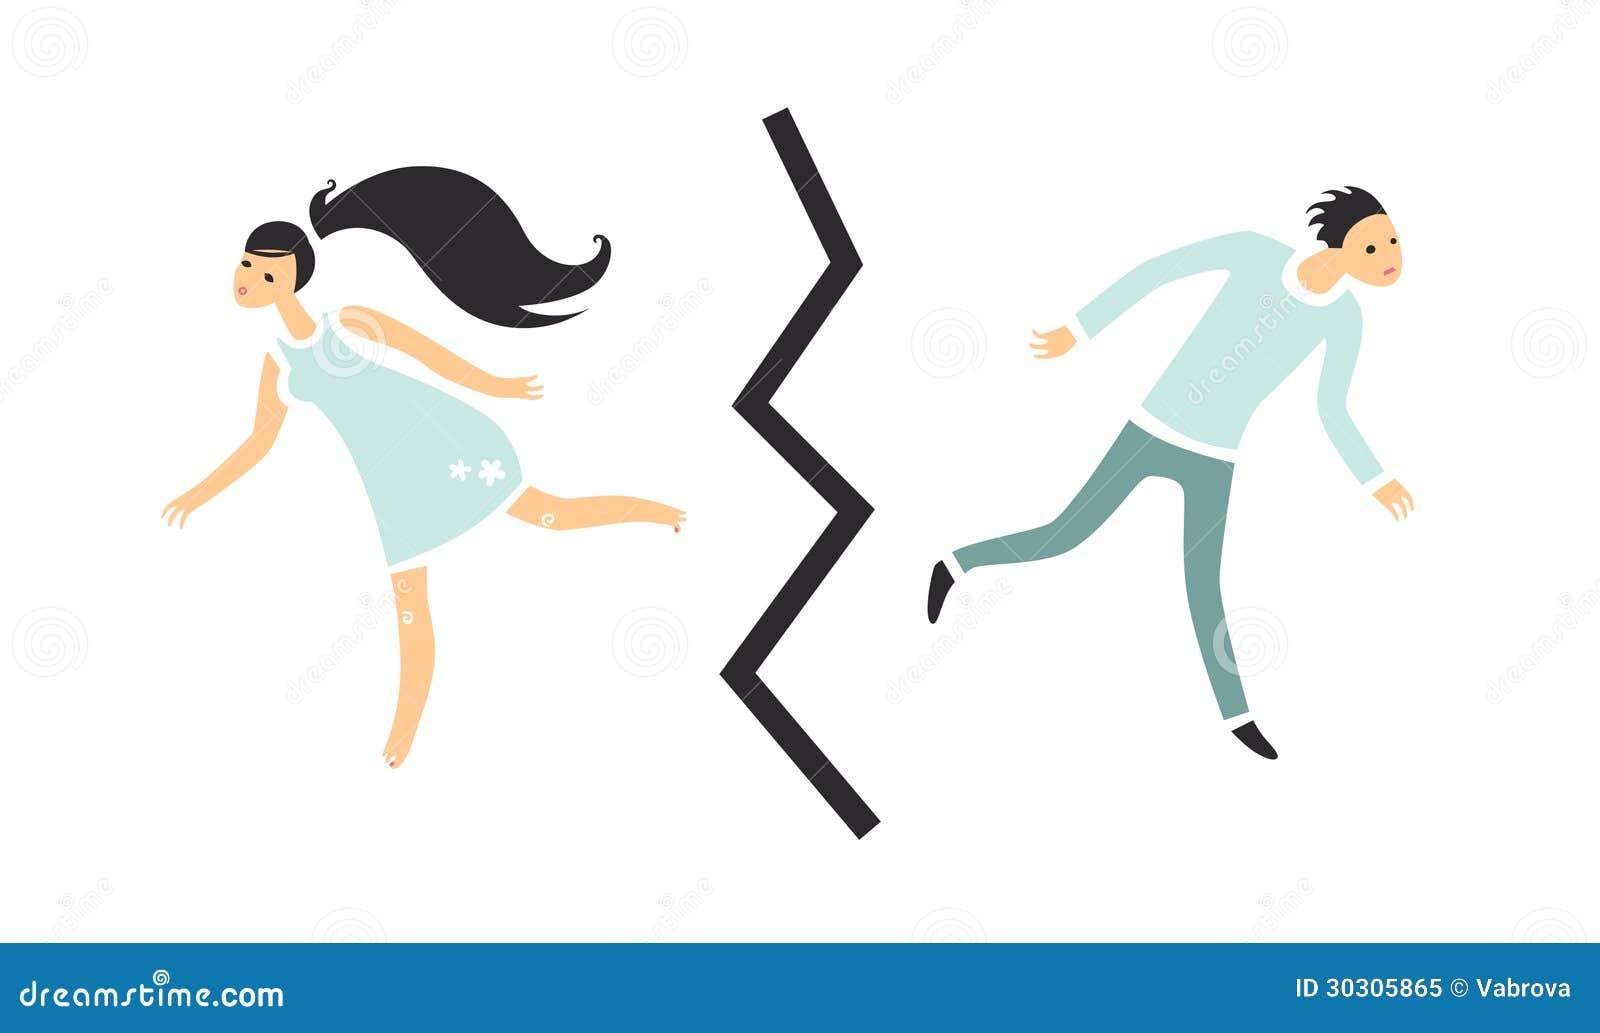 relationship rupture